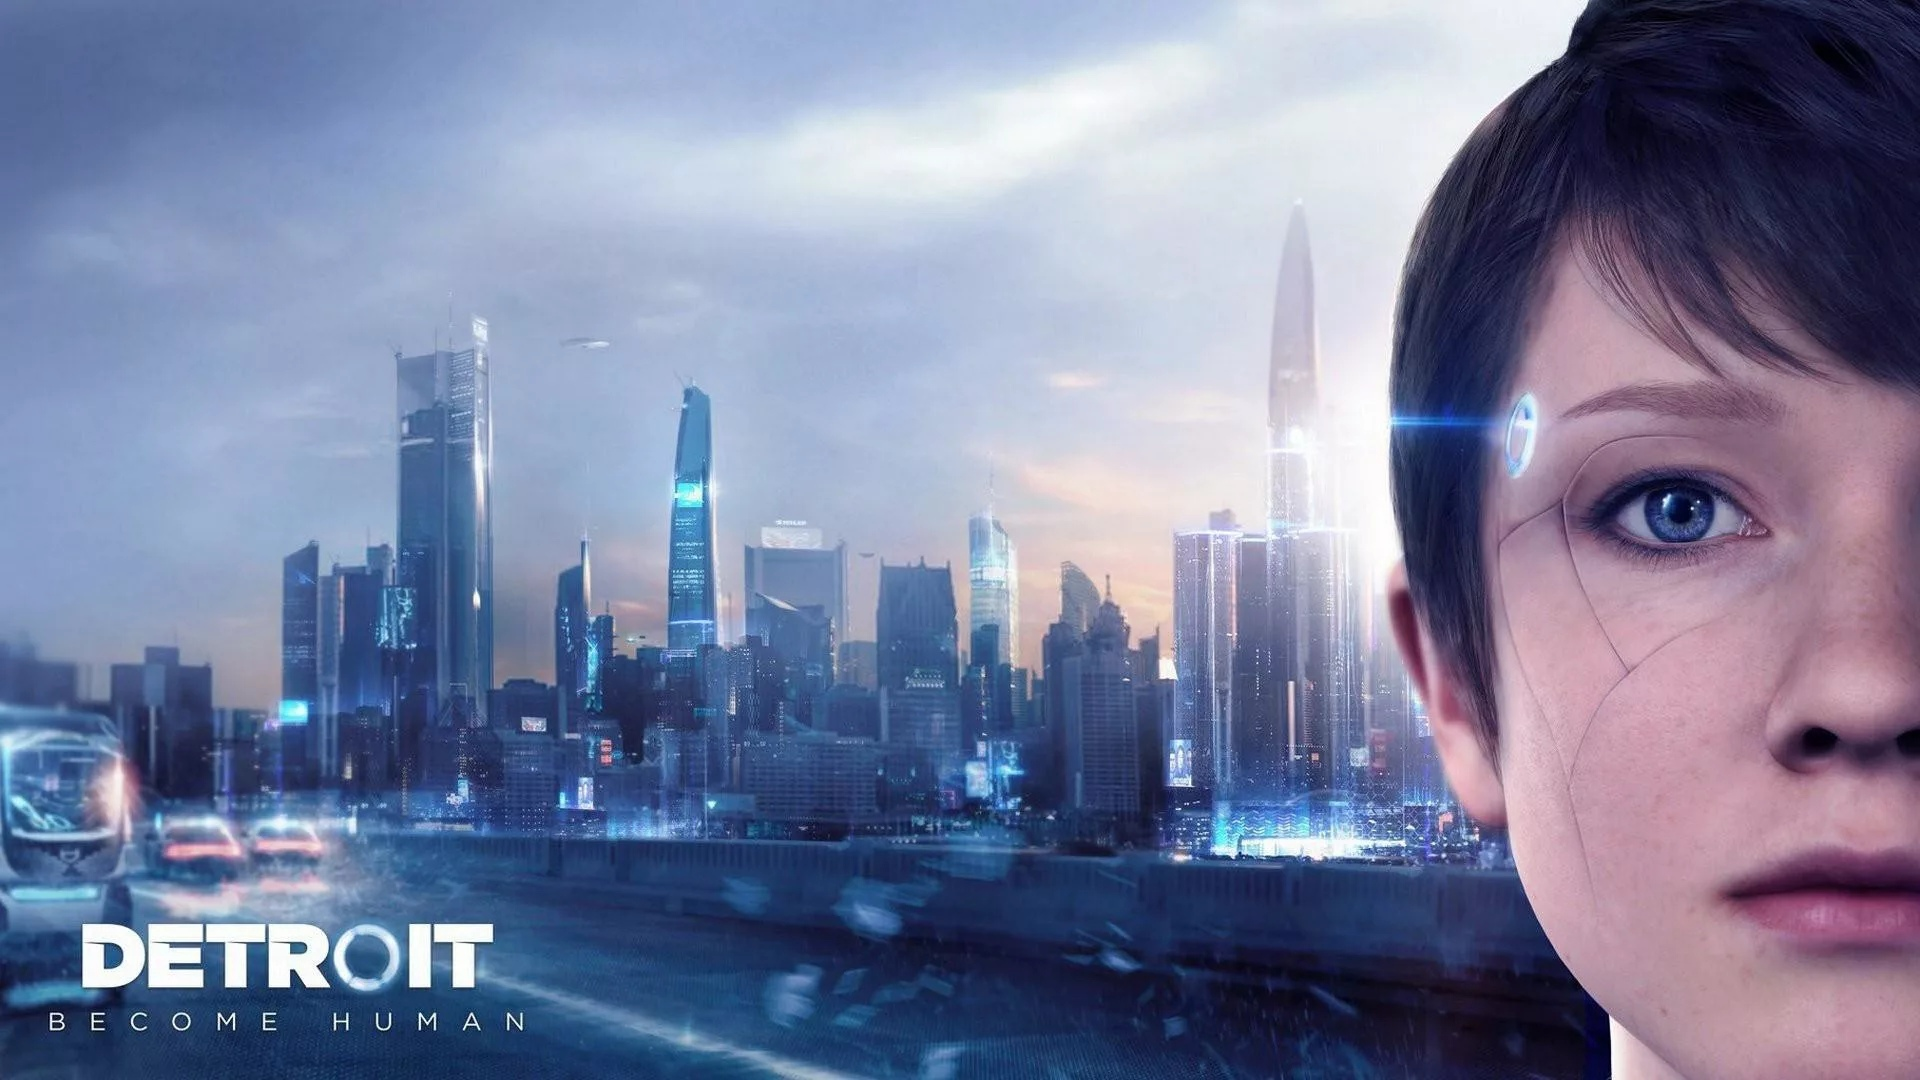 Официально: Detroit: Become Human, Heavy Rain и Beyond Two Souls выйдут на PC в Epic Games Store